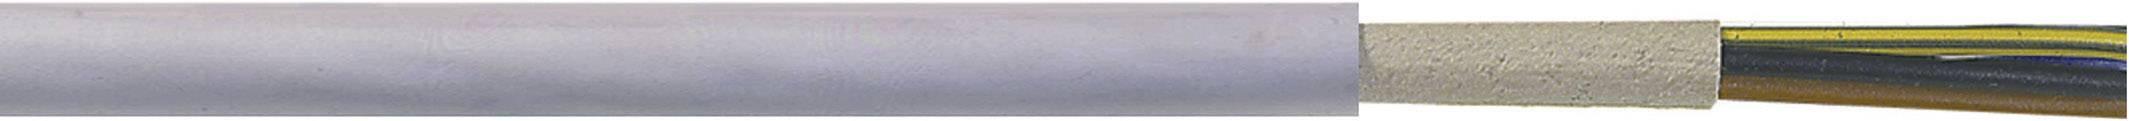 Opláštené vedenie LappKabel NYM-J 1600012, 1 G 16 mm², metrový tovar, sivá